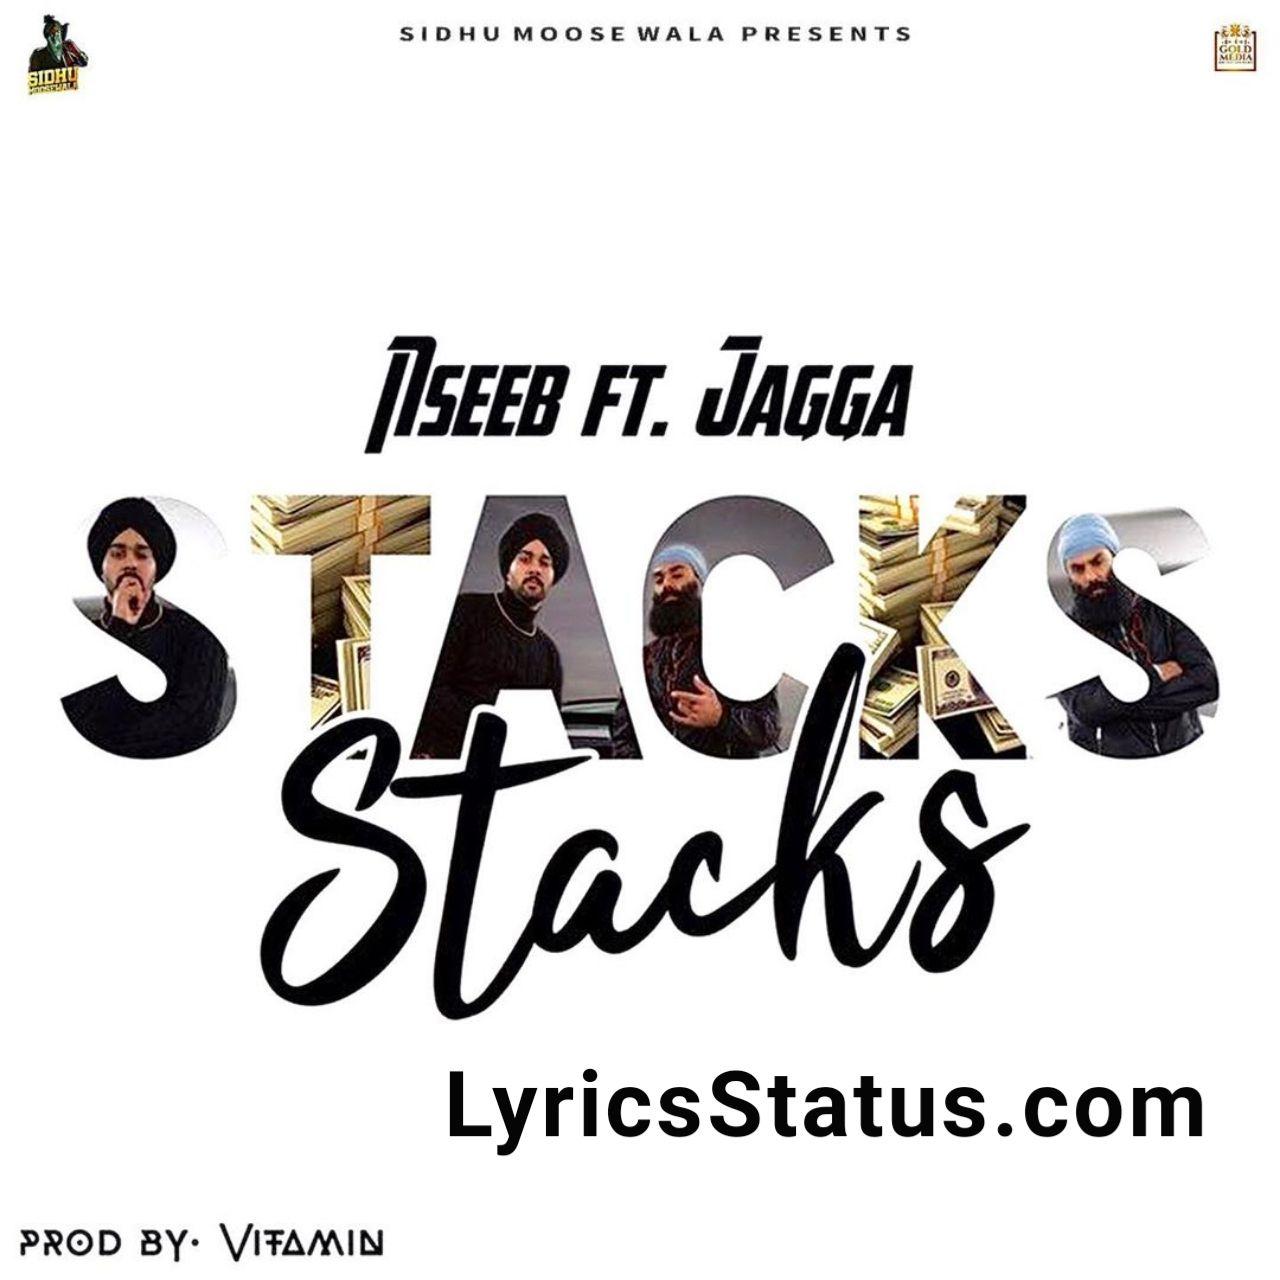 Nseeb Stacks Lyrics Status Download Jagga Sidhu Moose Wala In 2020